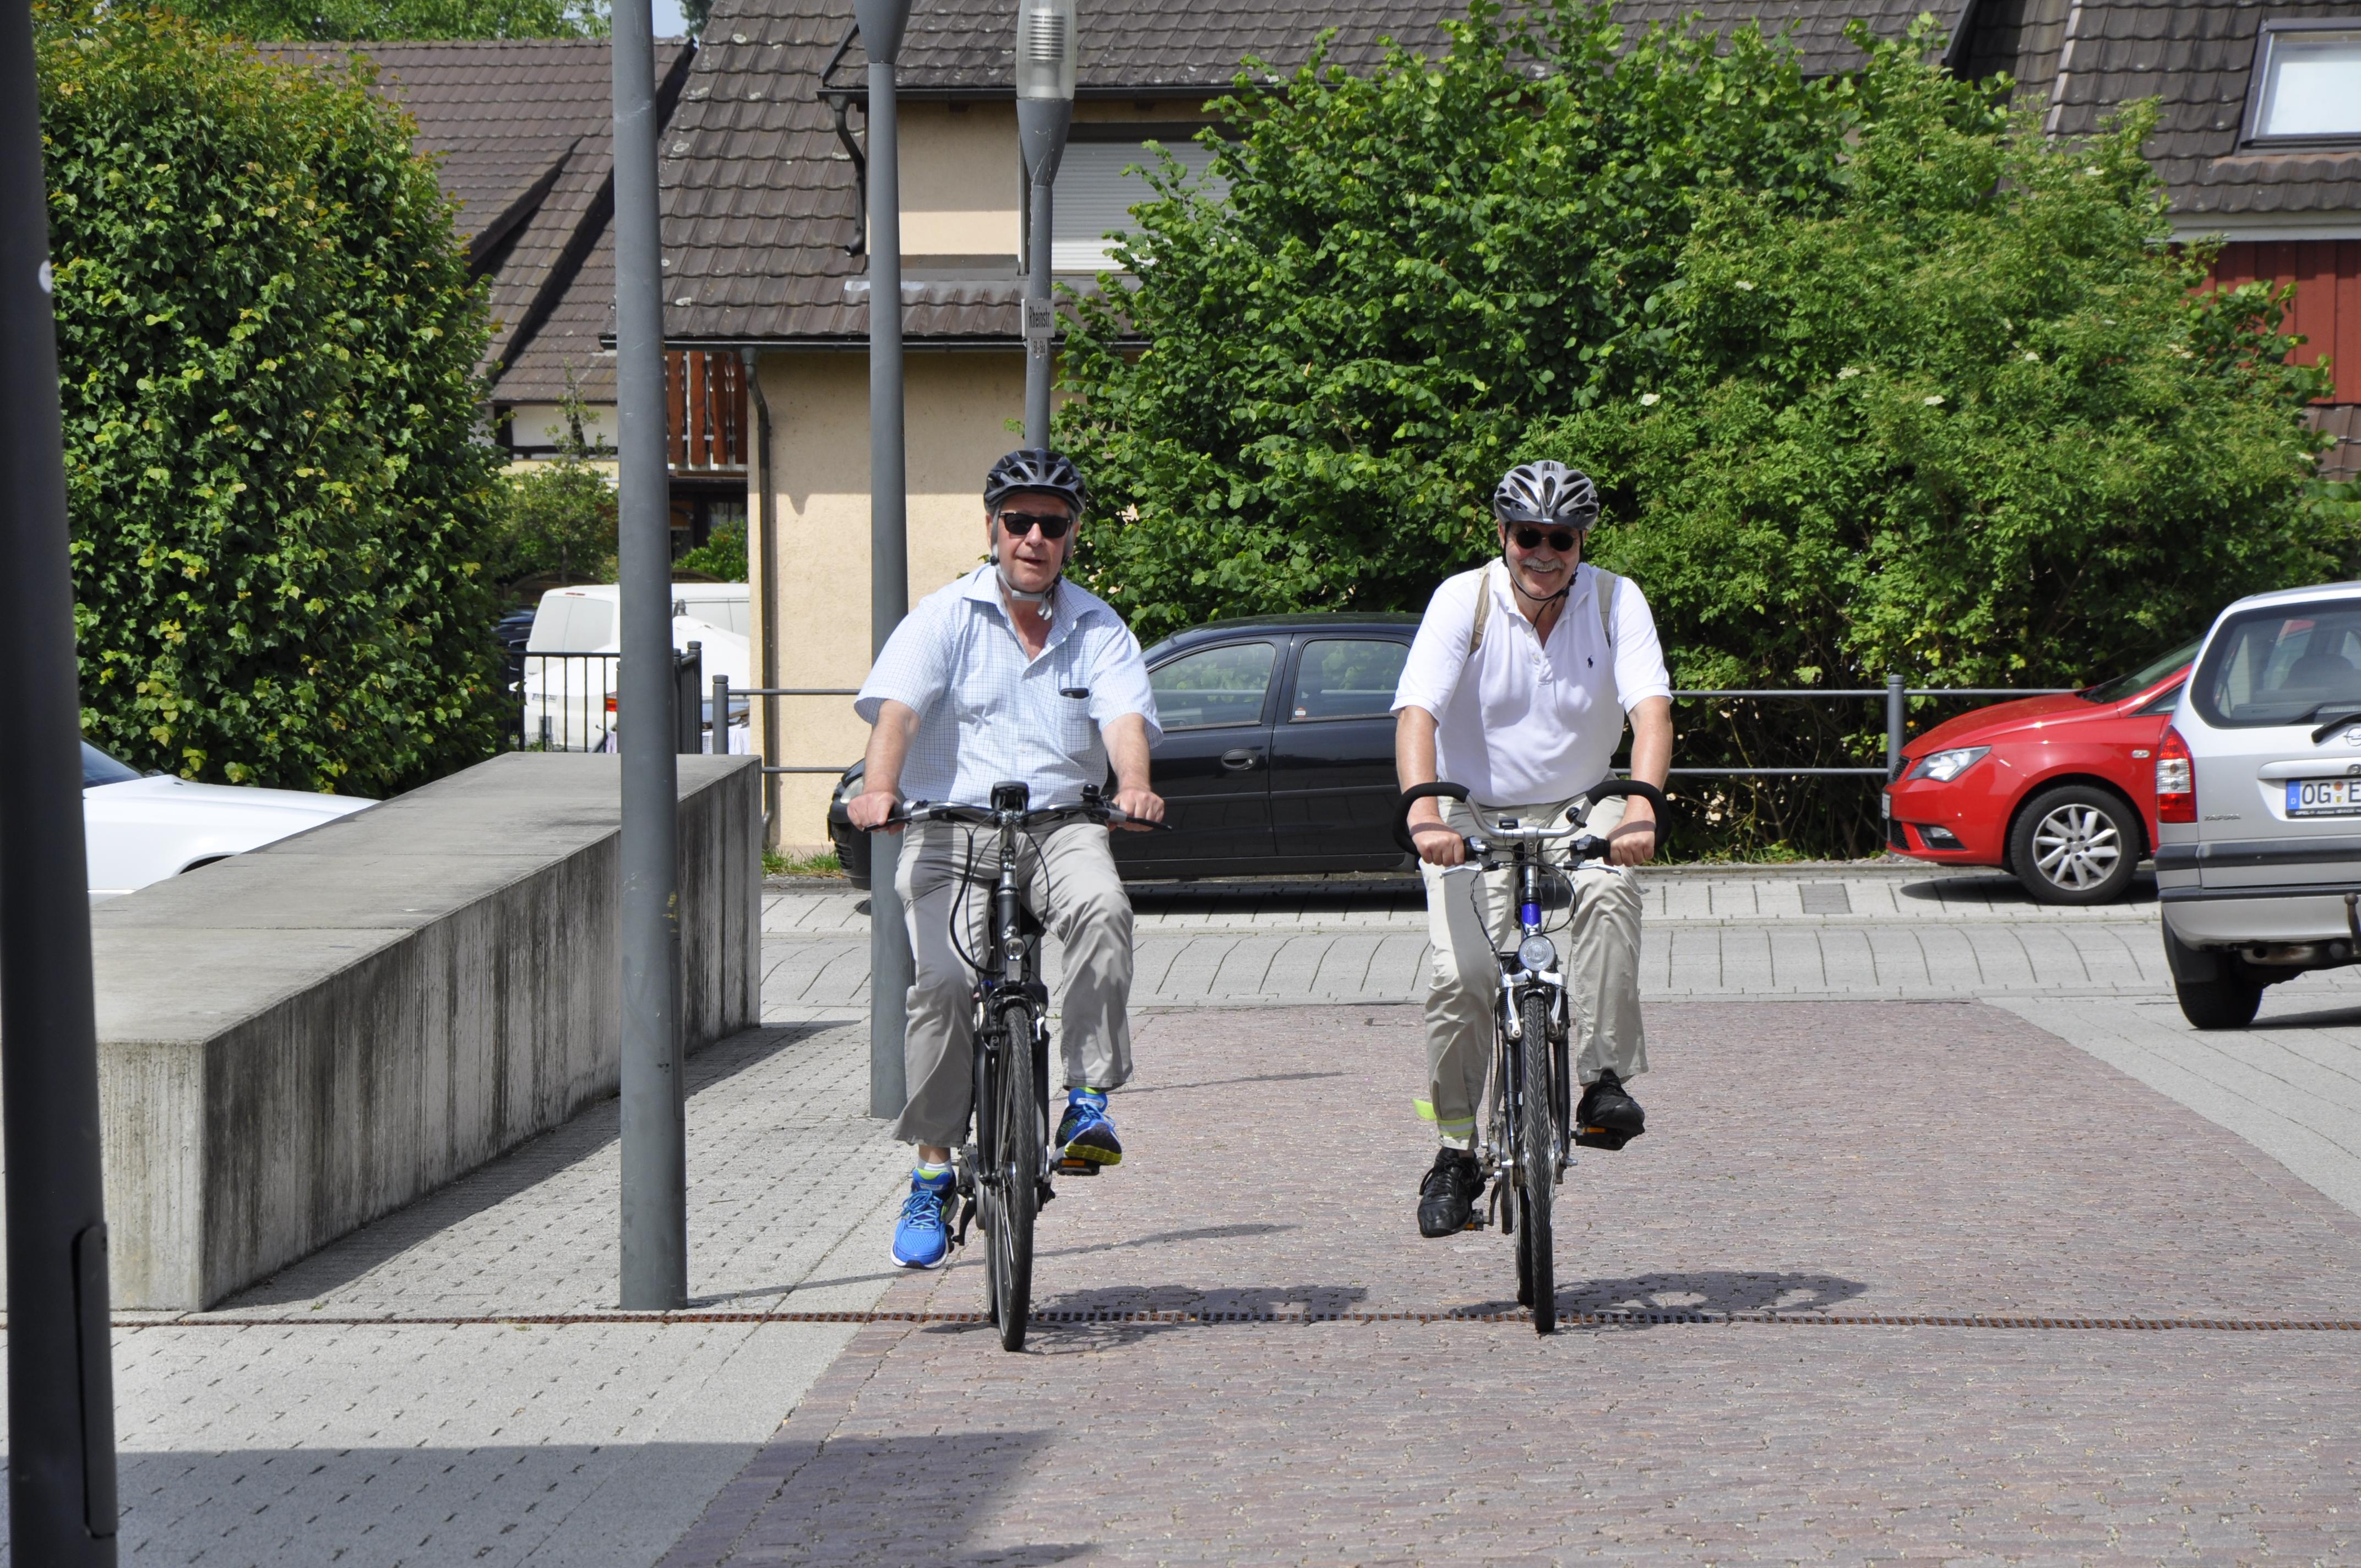 84+ [ Bws 125 Wesentliche Ausstattungsmerkmale ] - ESankey Ist Weltweit Die Am Meistgenutzte ...